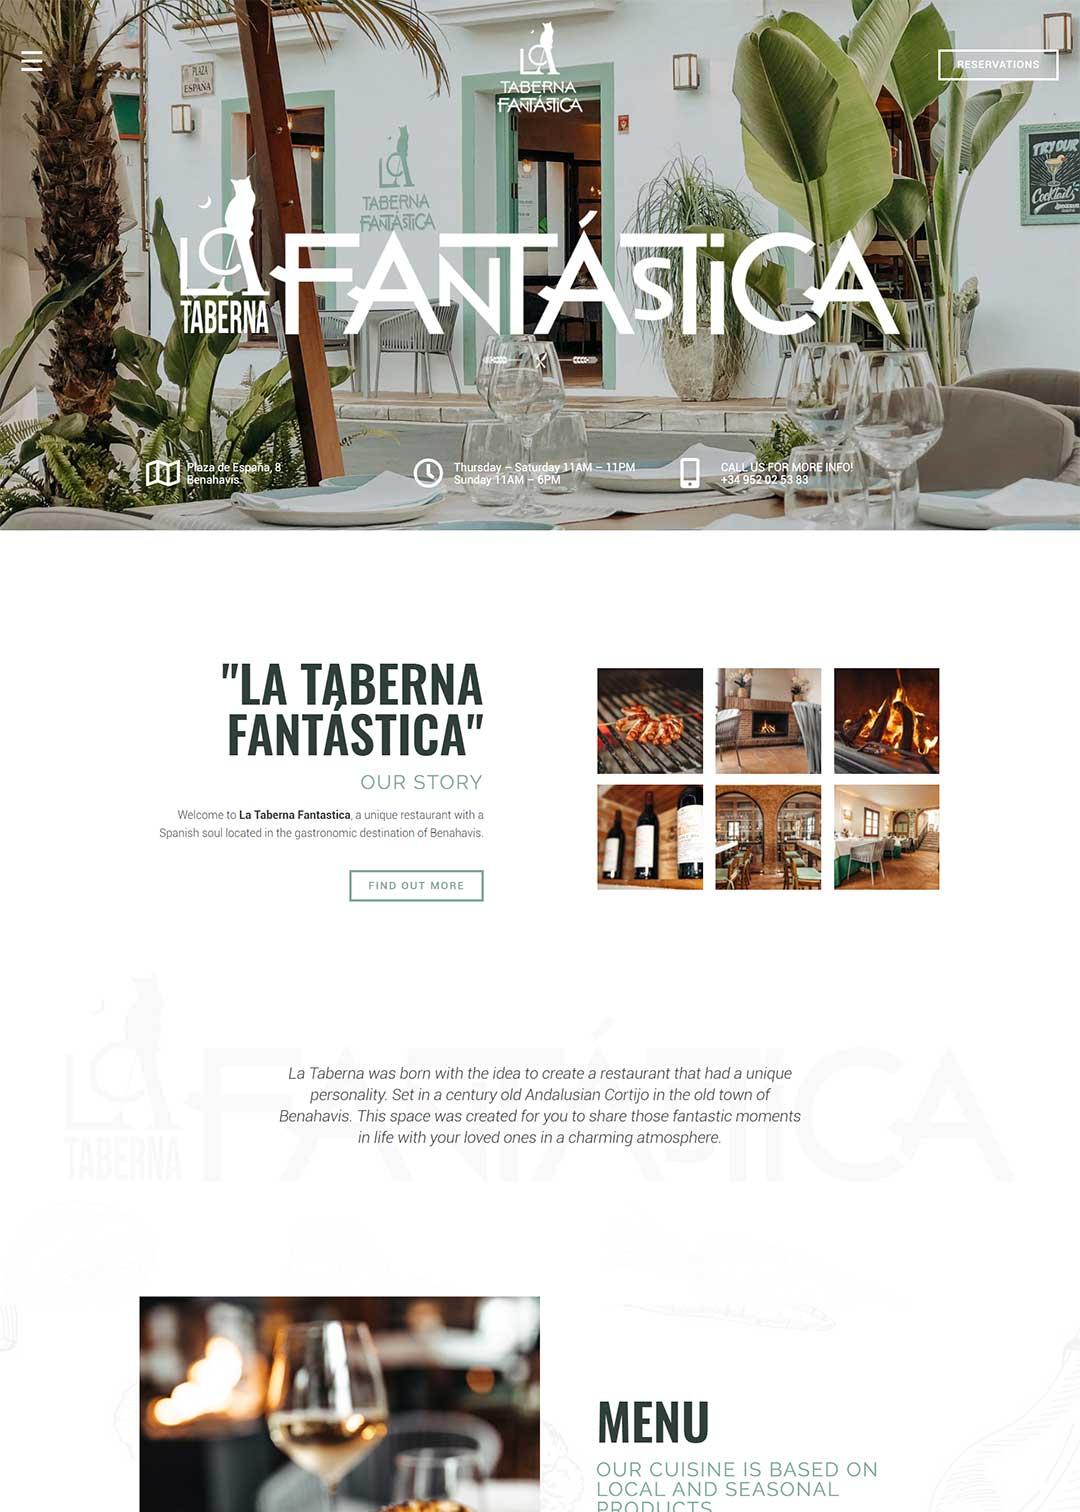 La Taberna Fantastica Restaurant Website Design